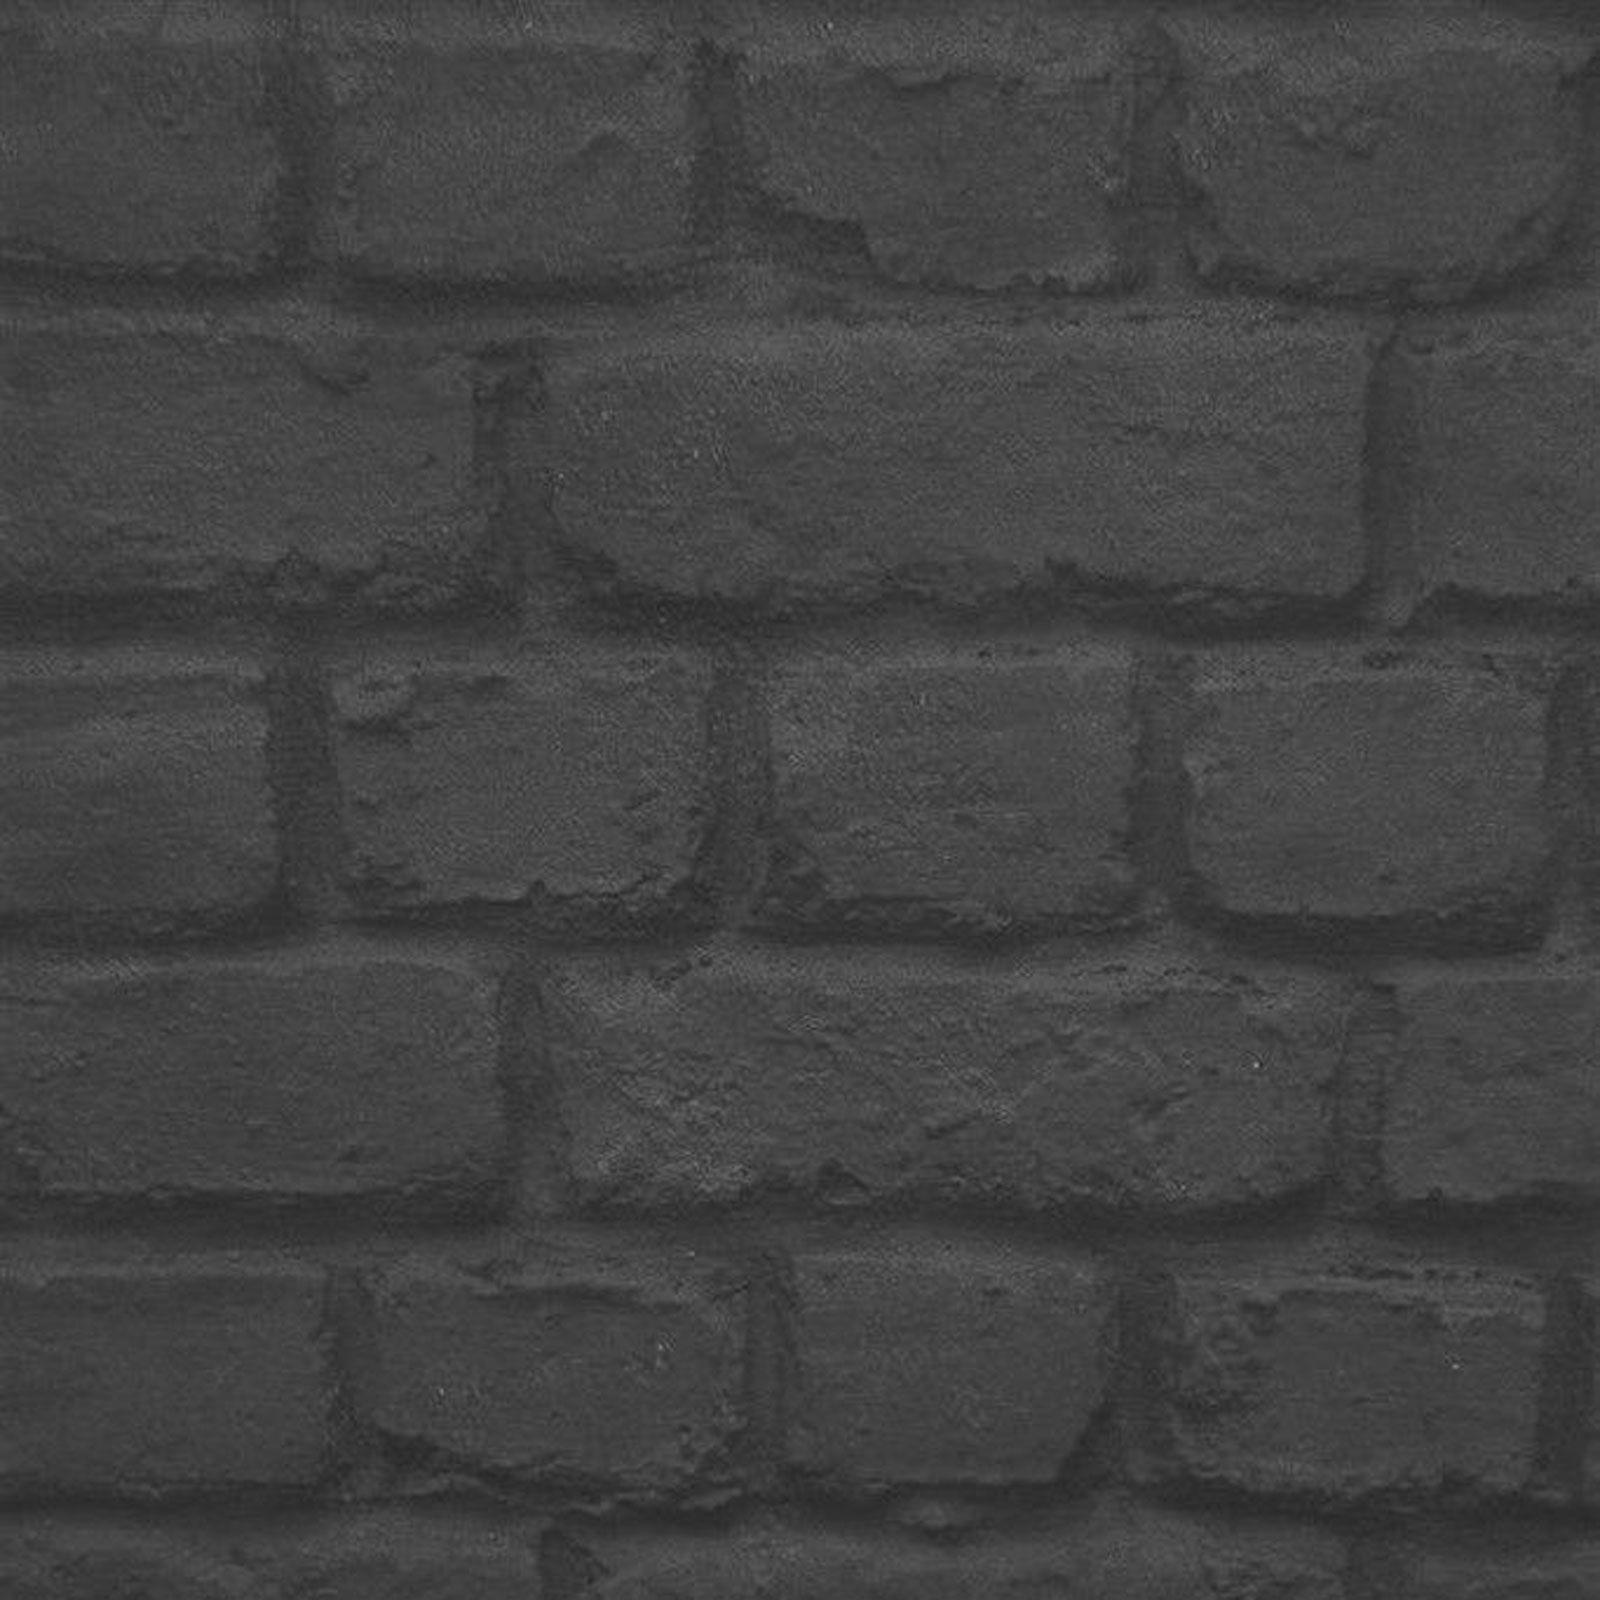 Ladrillo pizarra efecto de piedra papel pintado r stico for Papel pintado rustico